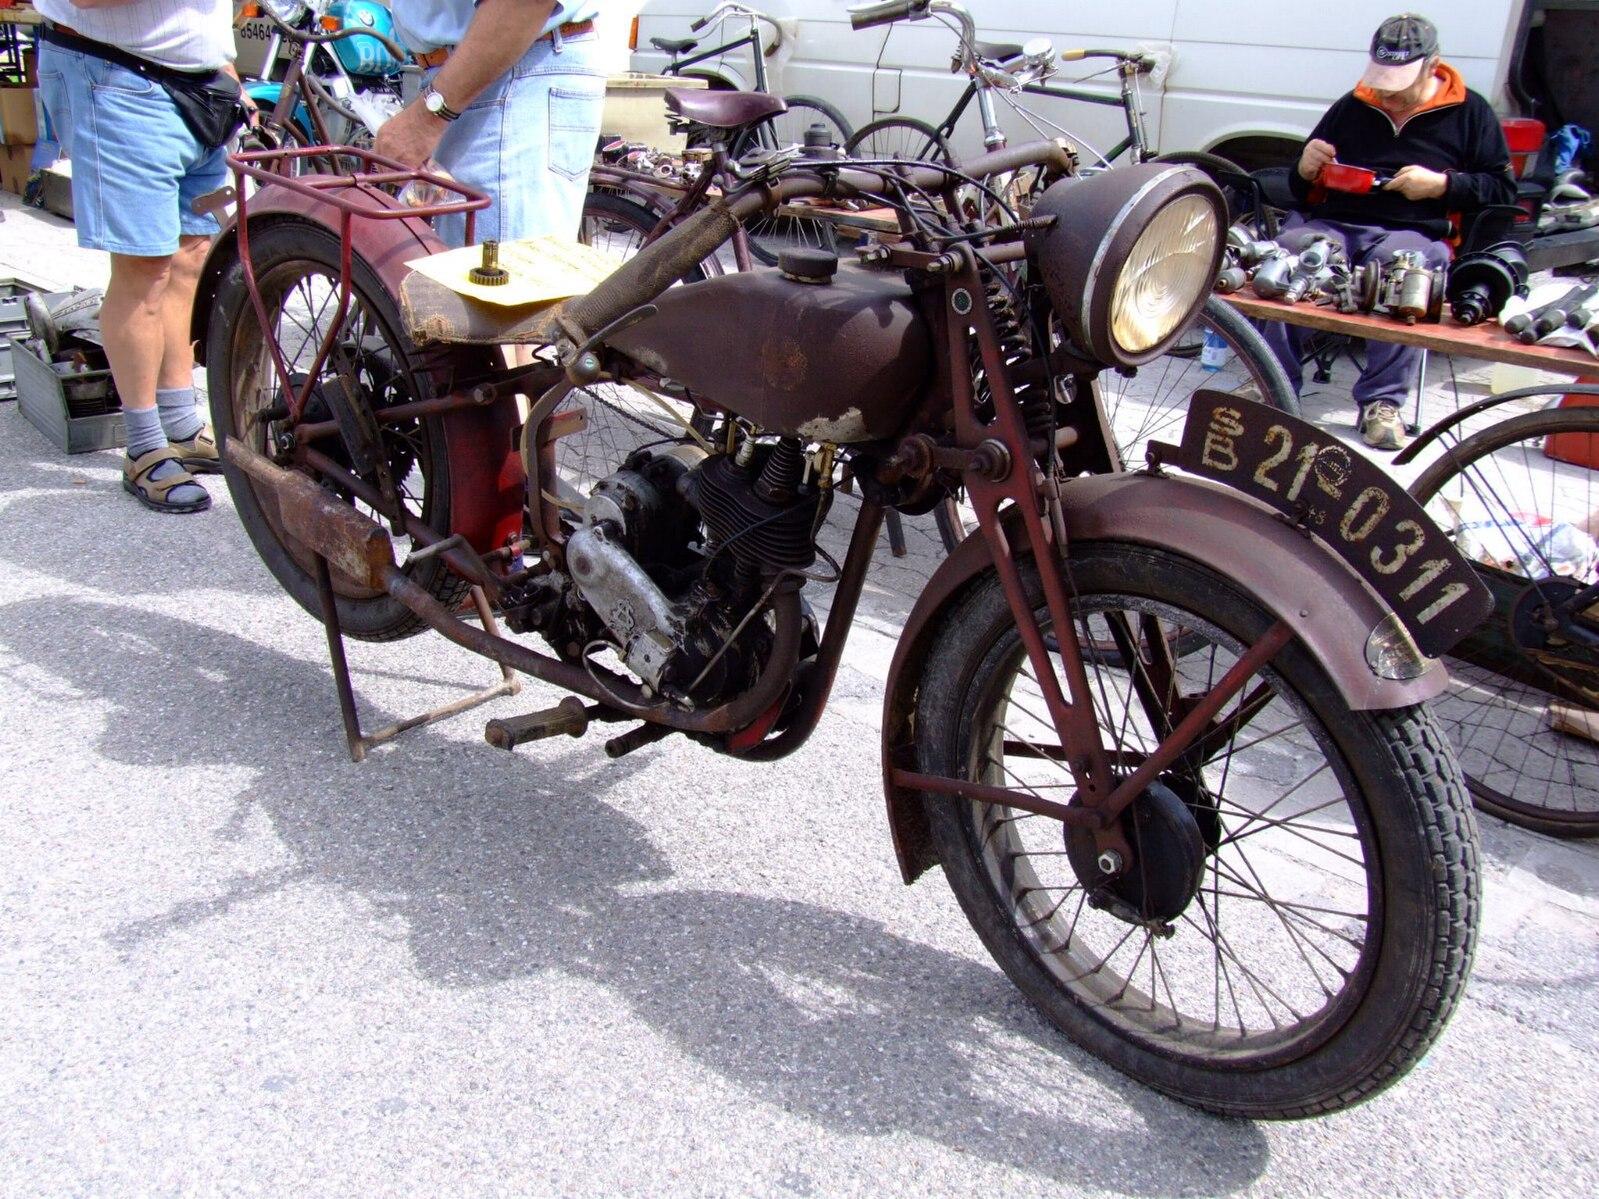 1817ad23321566 Hagel (Motorrad) - Die vollständigen Informationen und Online-Verkauf mit  kostenlosem Versand. Bestellen und kaufen Sie jetzt zum günstigsten Preis  im ...